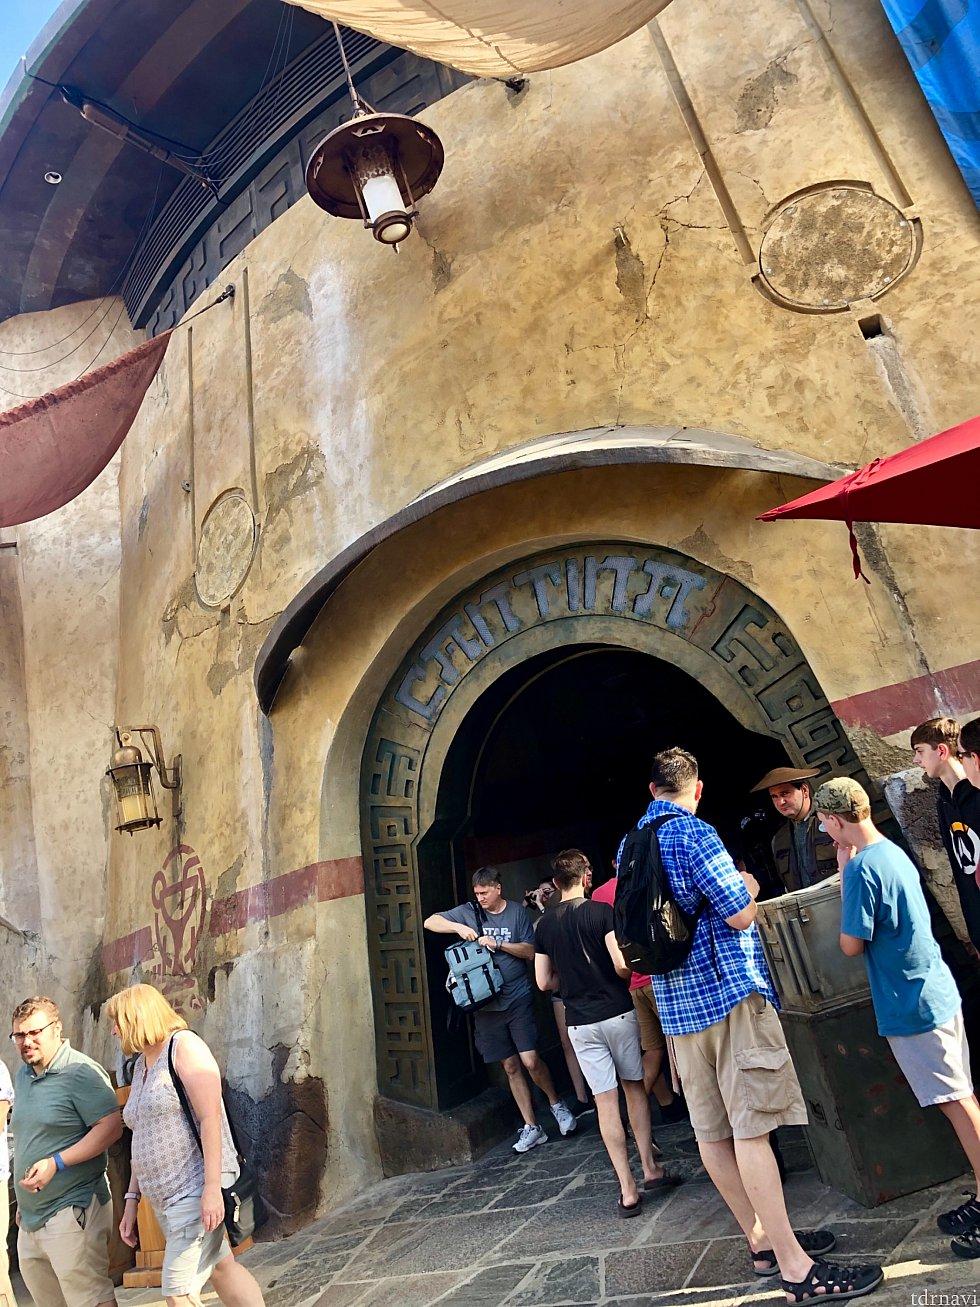 ここがキャンティーナの入口です。プレビュー当日は予約済みの人のみの入場でしたが、名前がしばらく呼ばれなくて10分程熱い日の下で待つ事に。銀河系の果てに来てるはずなのに、暑さはフロリダ並み。笑